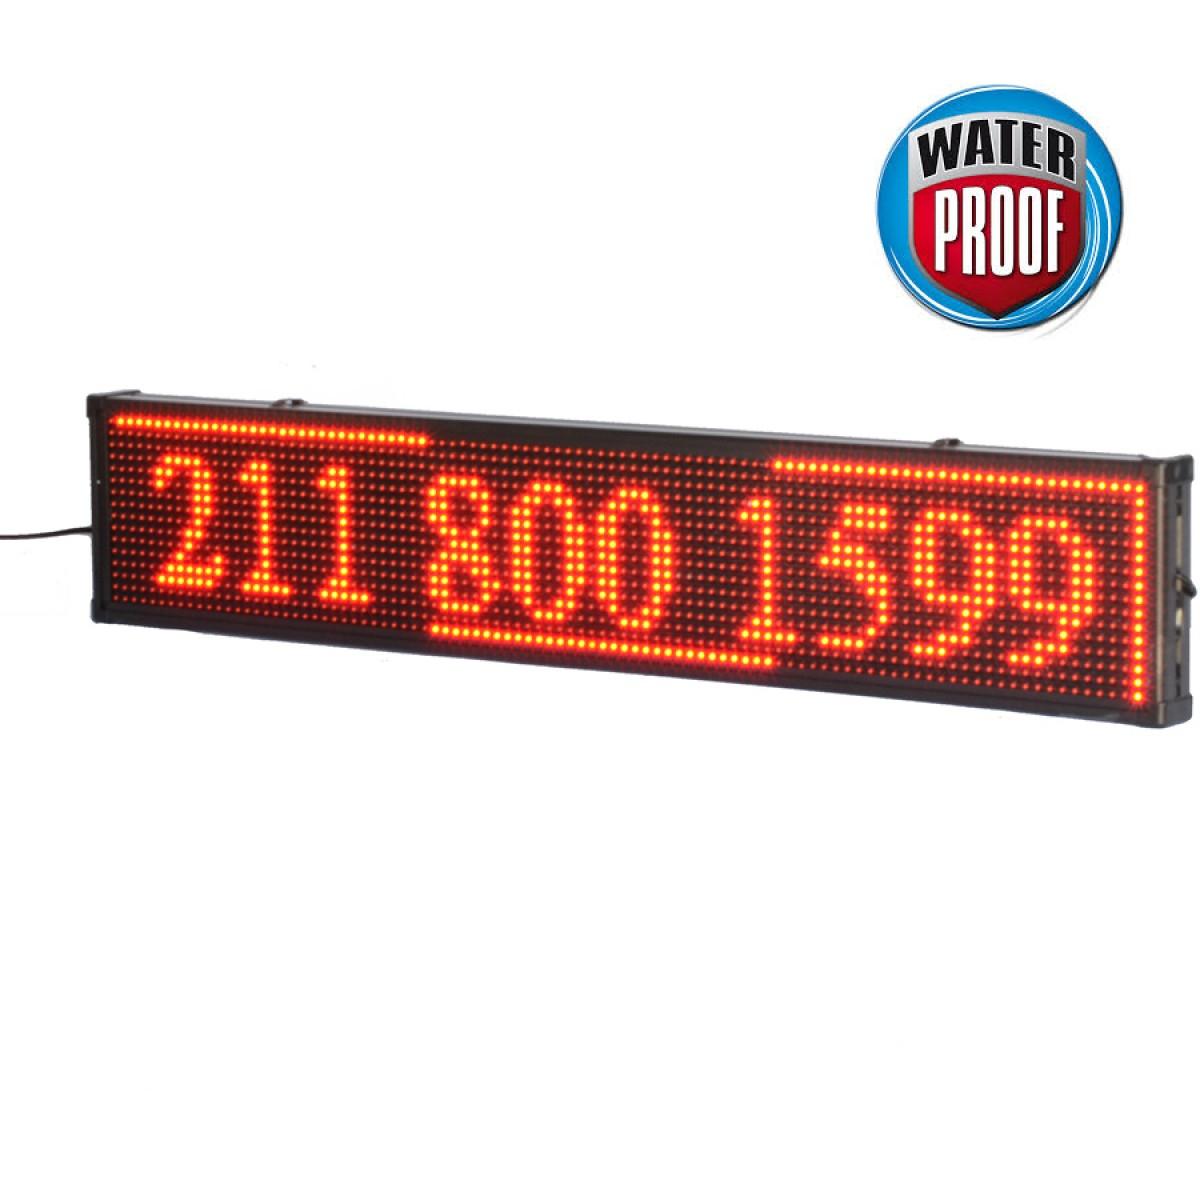 Πινακίδα LED ΑΔΙΑΒΡΟΧΗ κυλιόμενων μηνυμάτων 100x40 cm